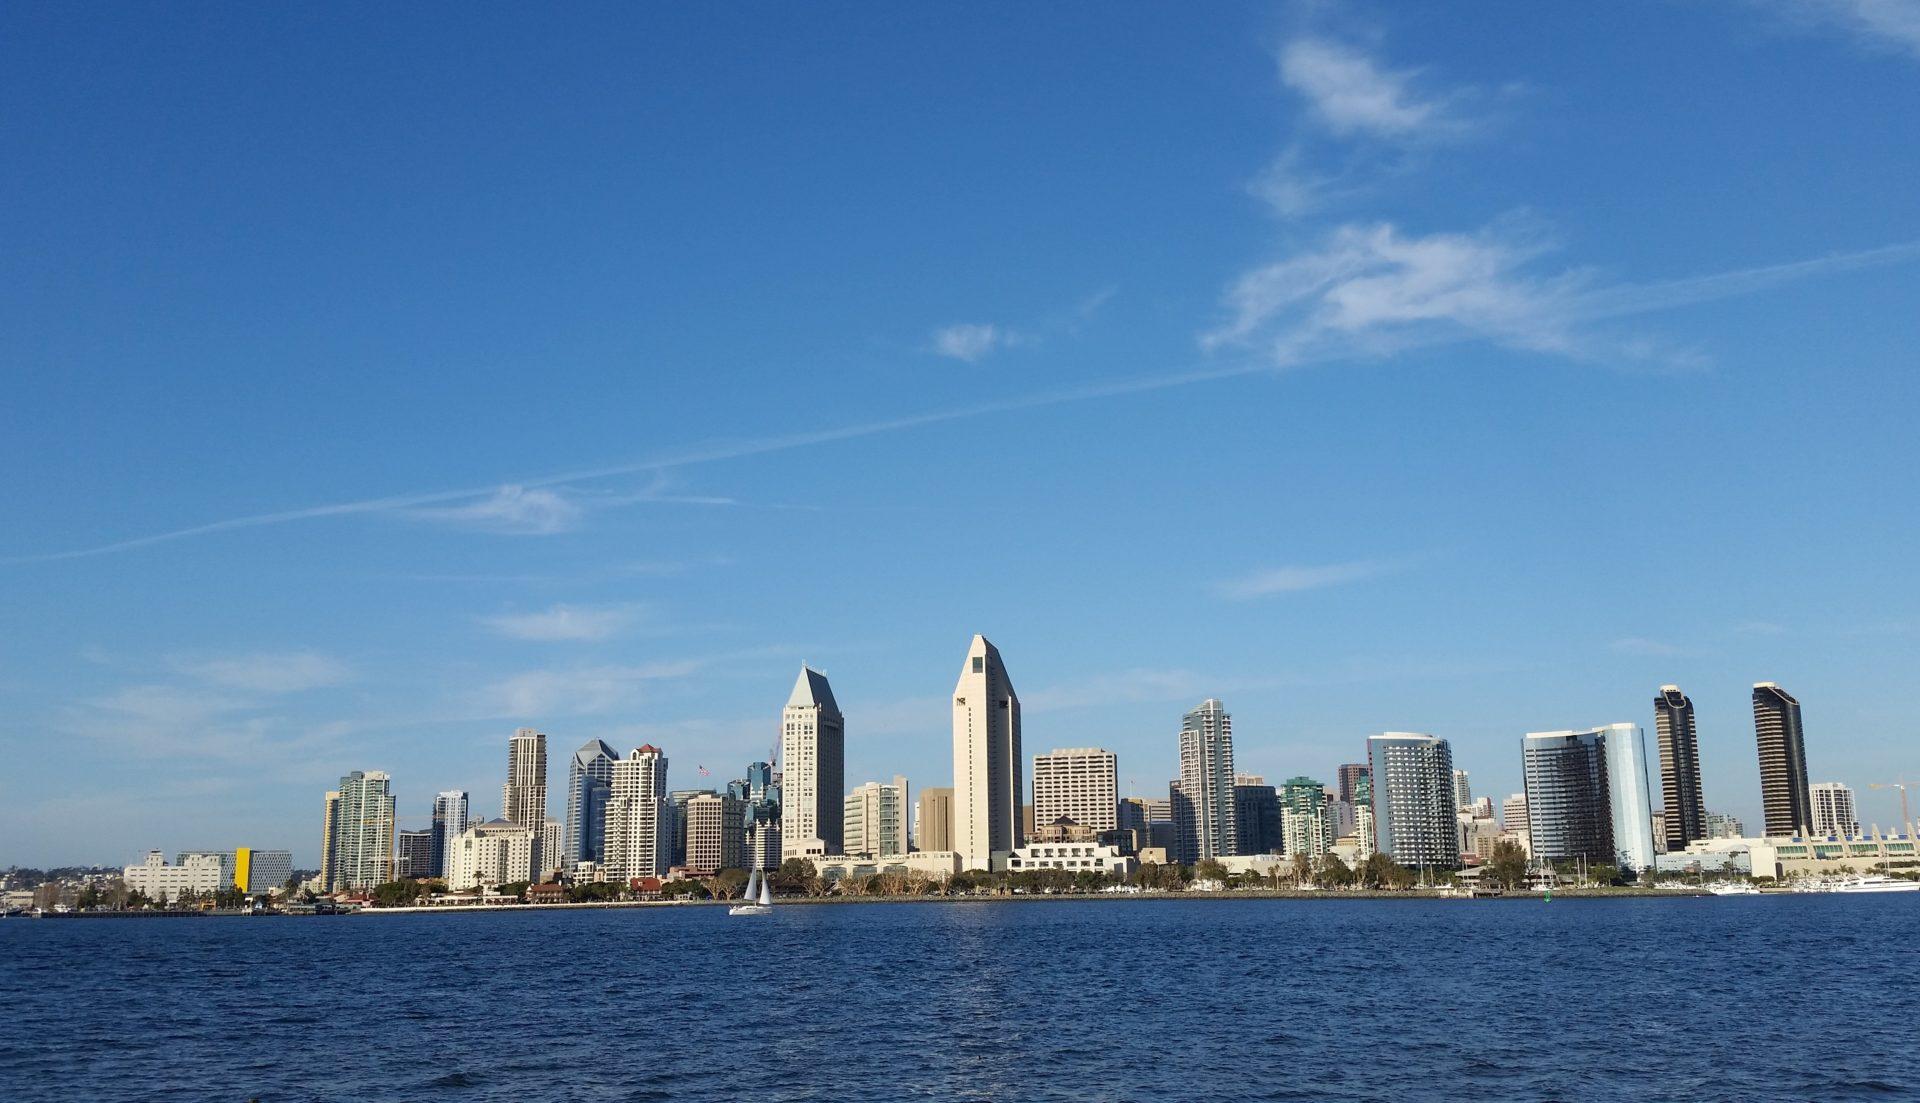 Our Skyline